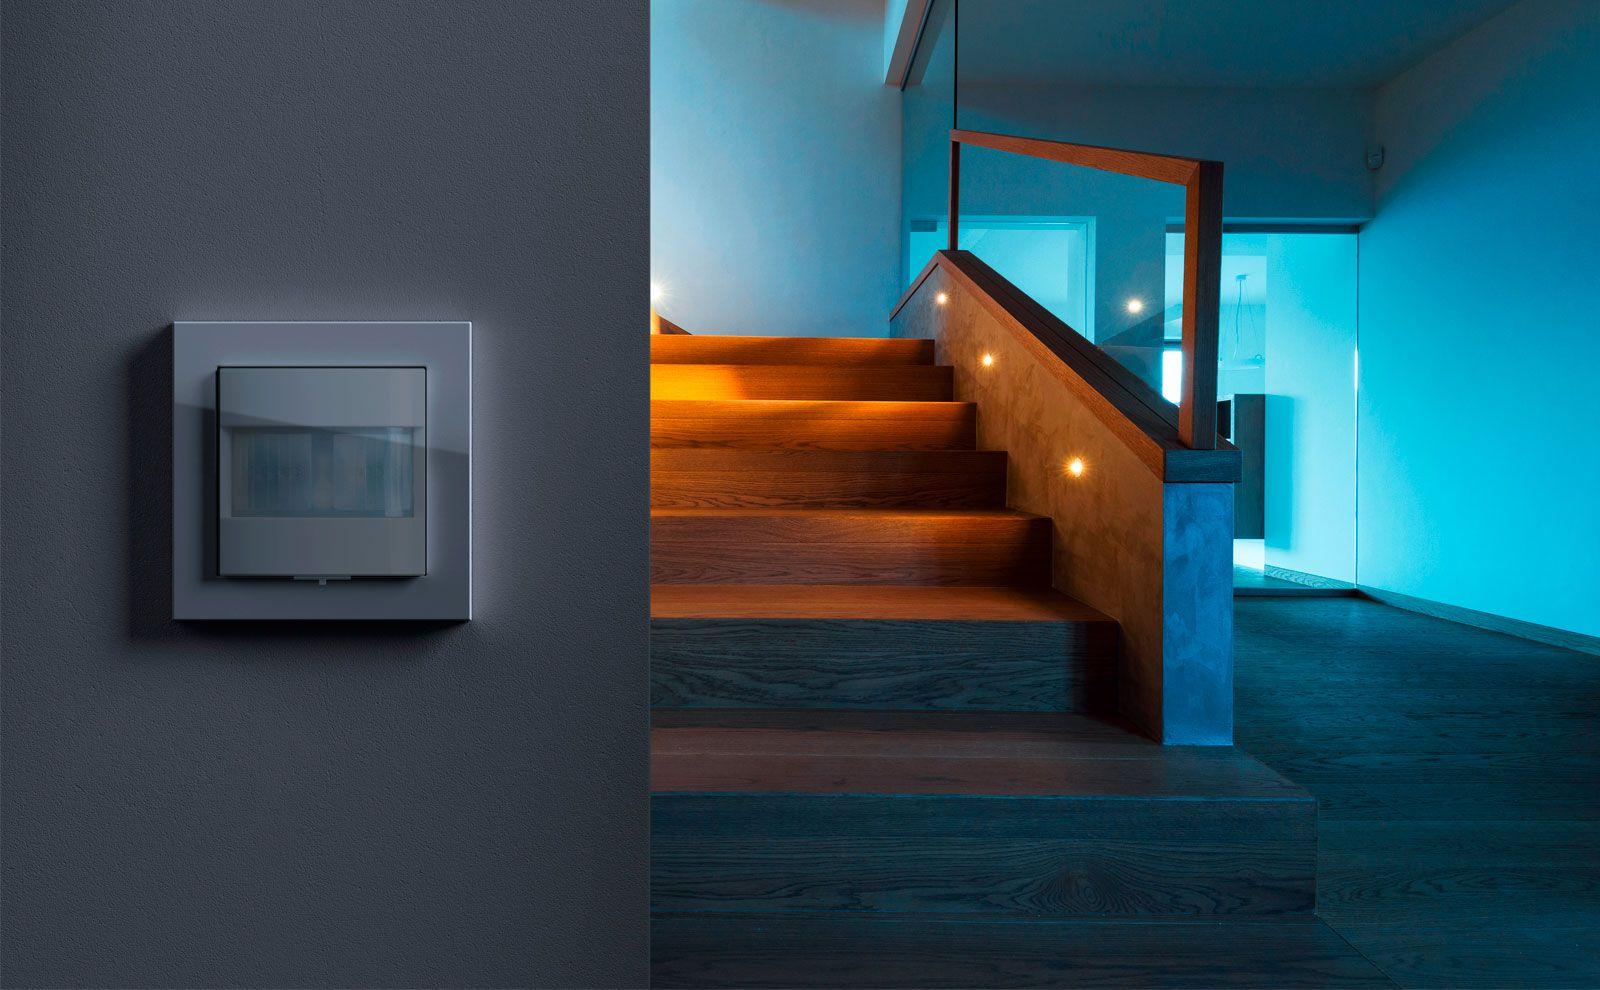 Ein Bewegunsmelder ermöglicht bei Bedarf die automatische Beleuchtung eine Treppe.